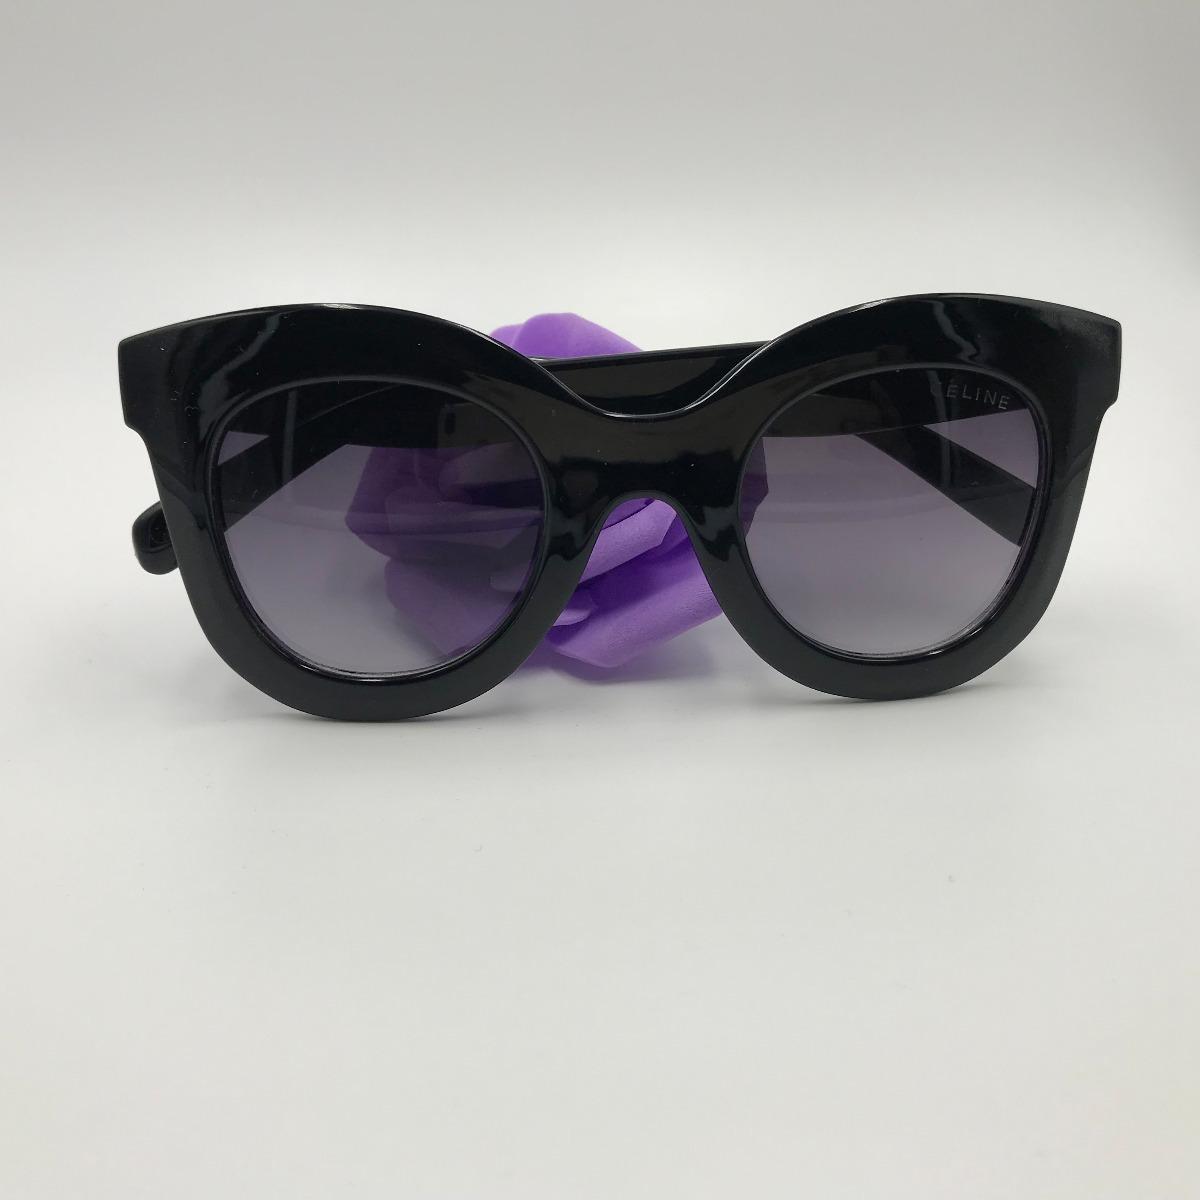 ae925ff6b4098 Oculos Solar Feminino Quadrado Gatinho Grande 41093 - R  72,00 em ...